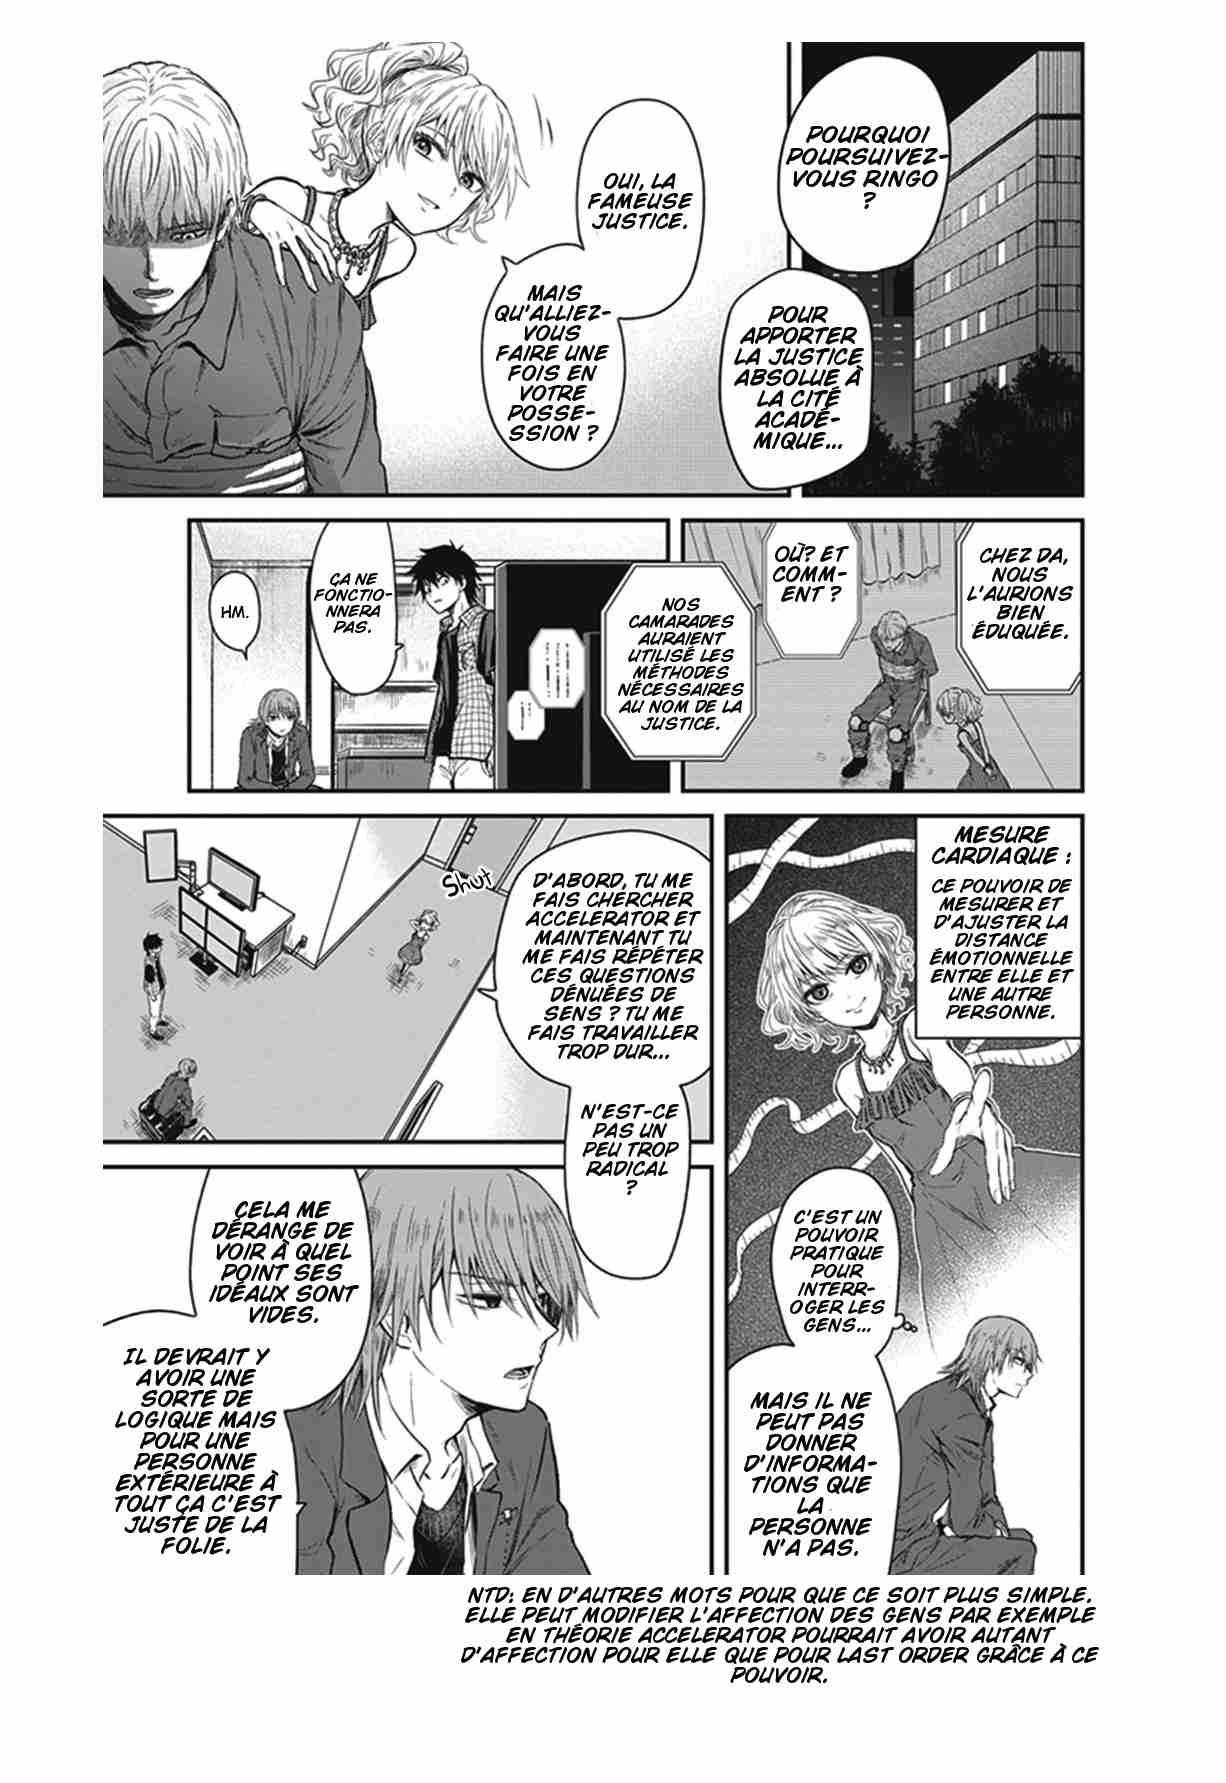 https://nine.mangadogs.com/fr_manga/pic2/44/12268/558894/f68ca0ae4fd5100274d7191ccb4d8d91.jpg Page 1